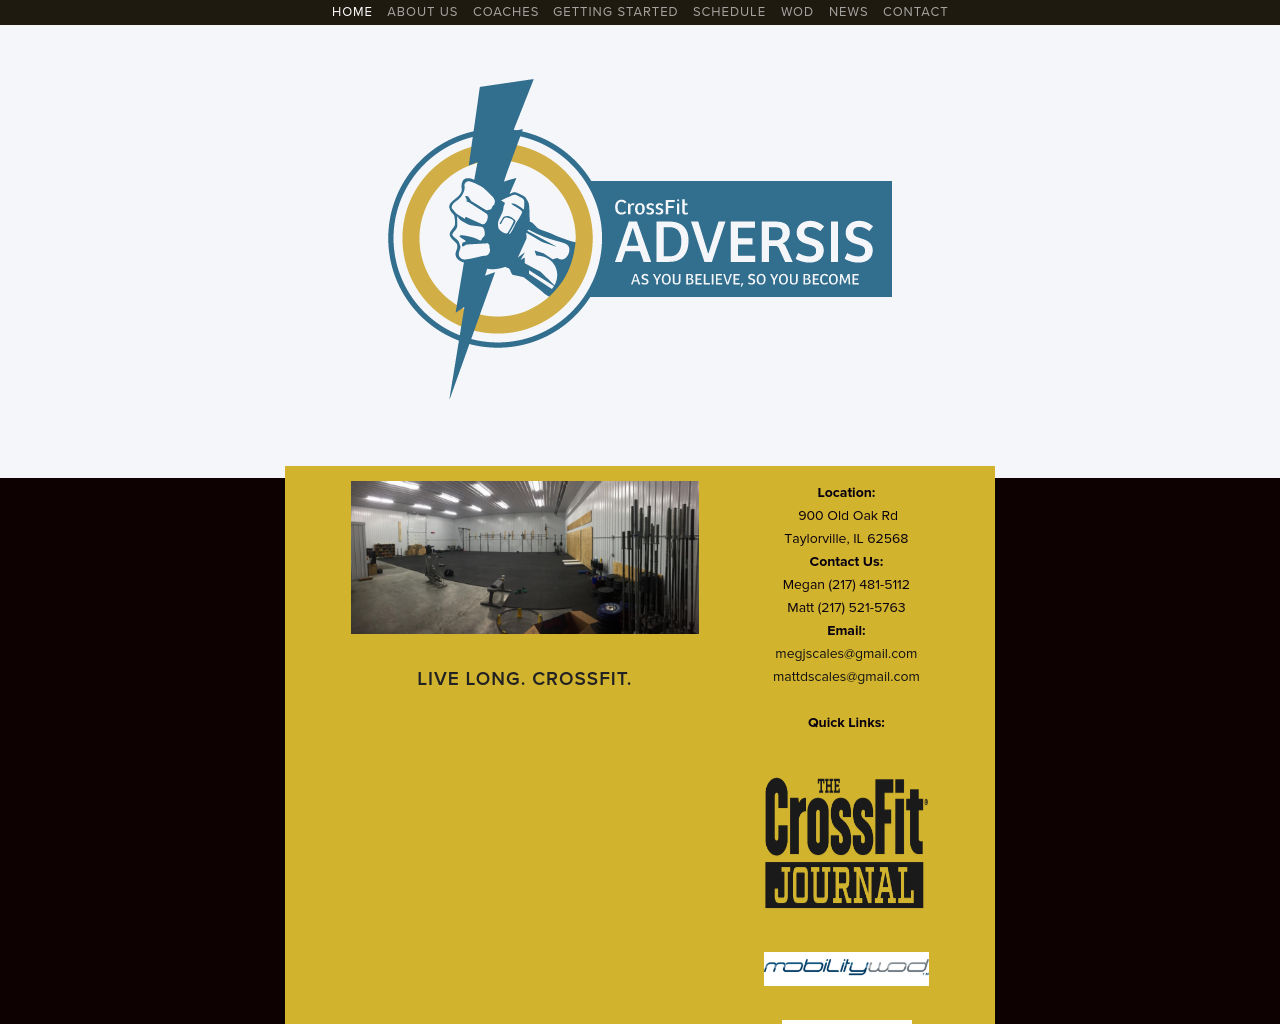 Crossfitadversis.com-Advertising-Reviews-Pricing